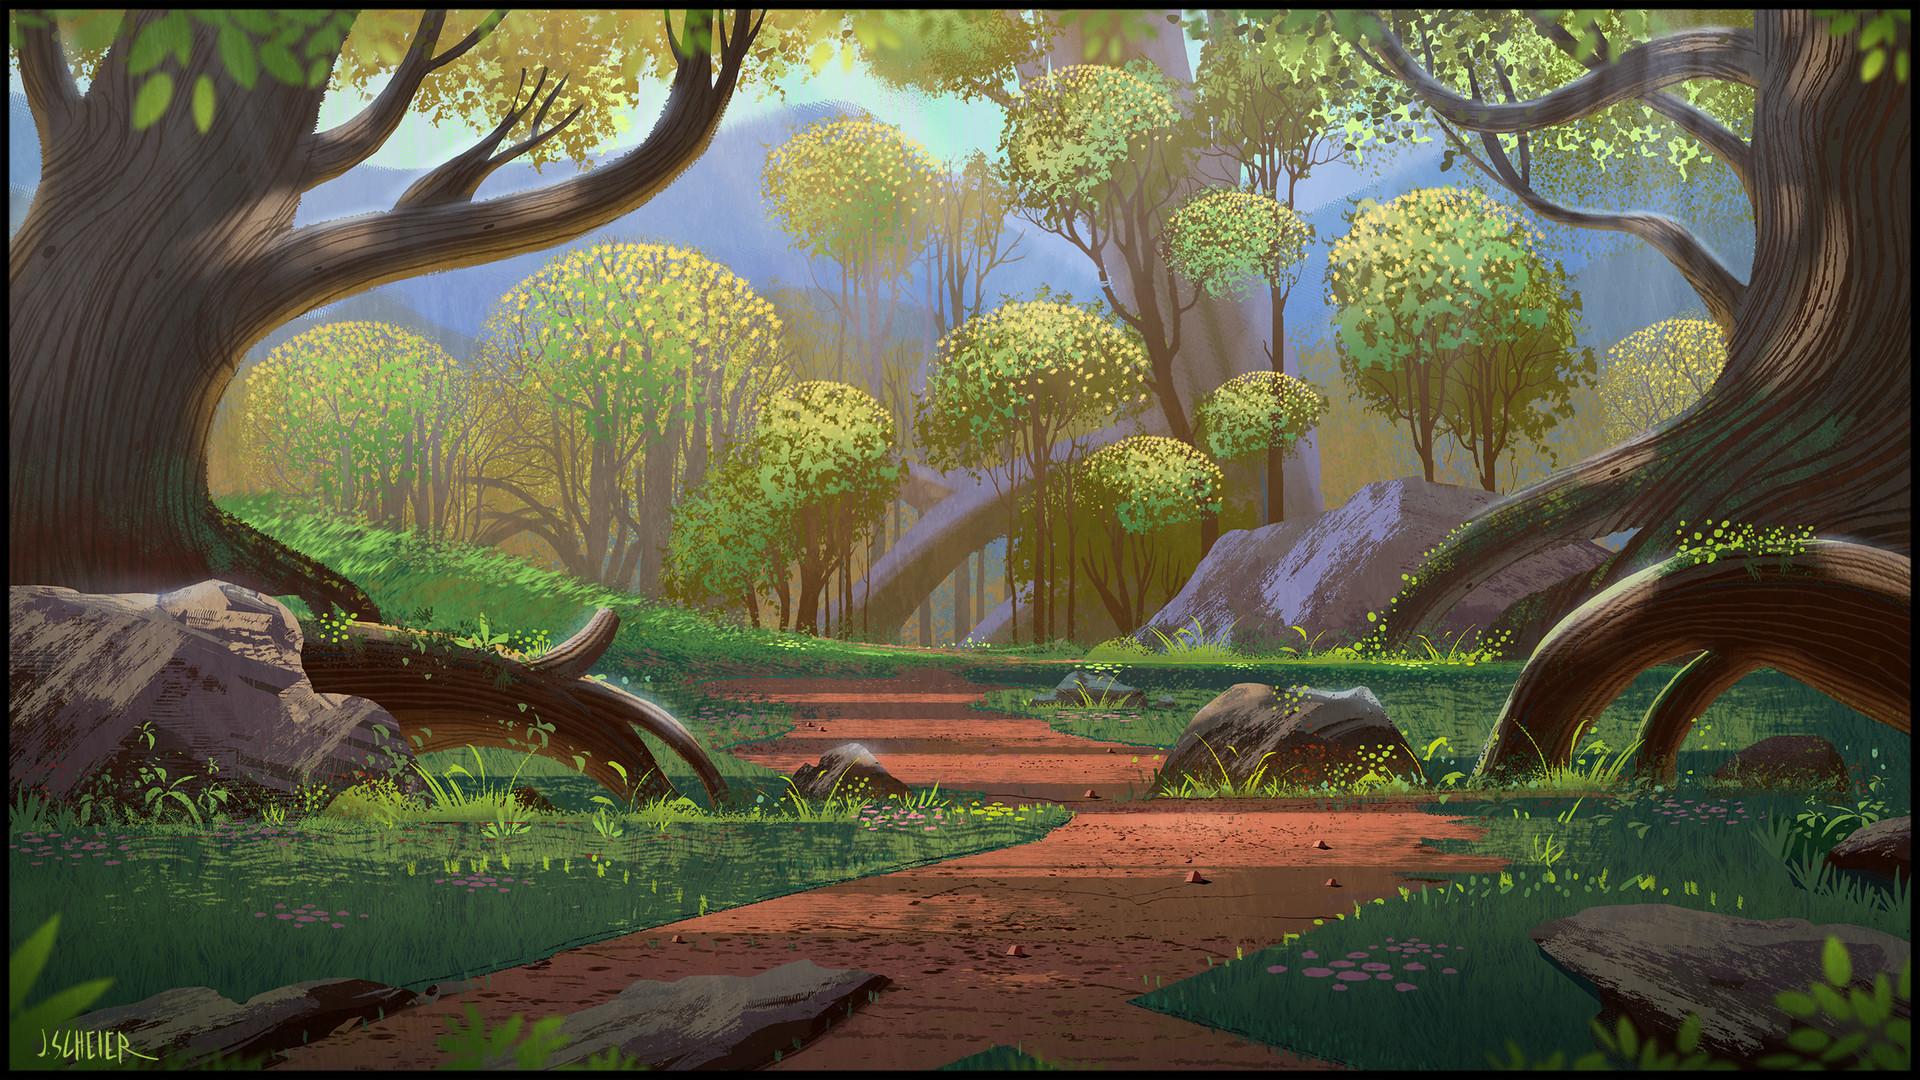 jason-scheier-animation-background.jpg